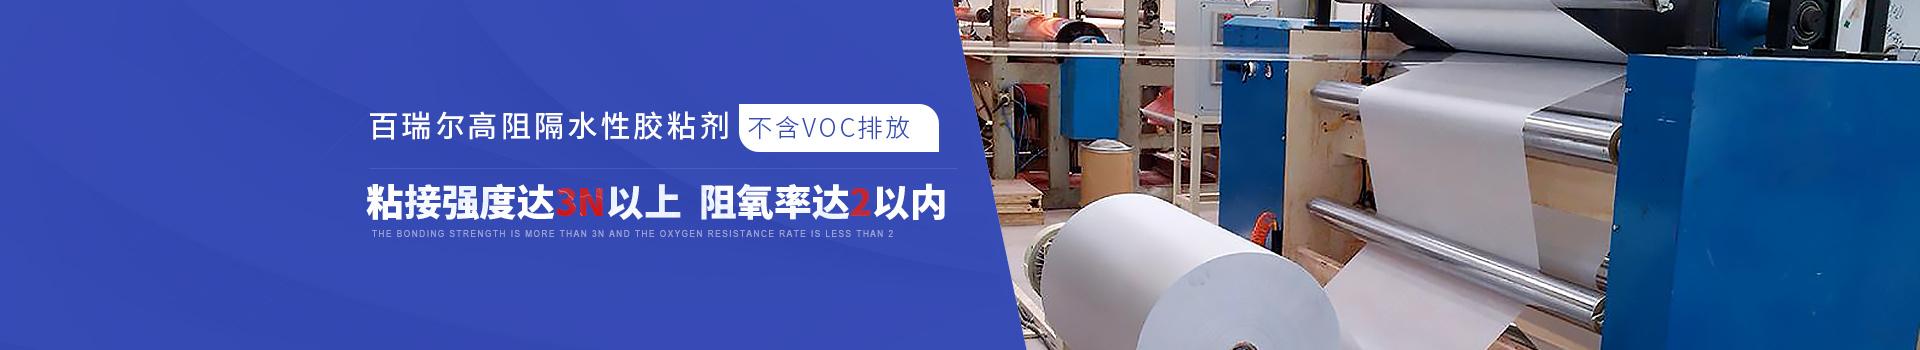 百瑞尔高阻隔水性胶粘剂  不含VOC排放 粘接强度达3N以上  阻氧率达2以内  大幅降低高阻隔包装成本